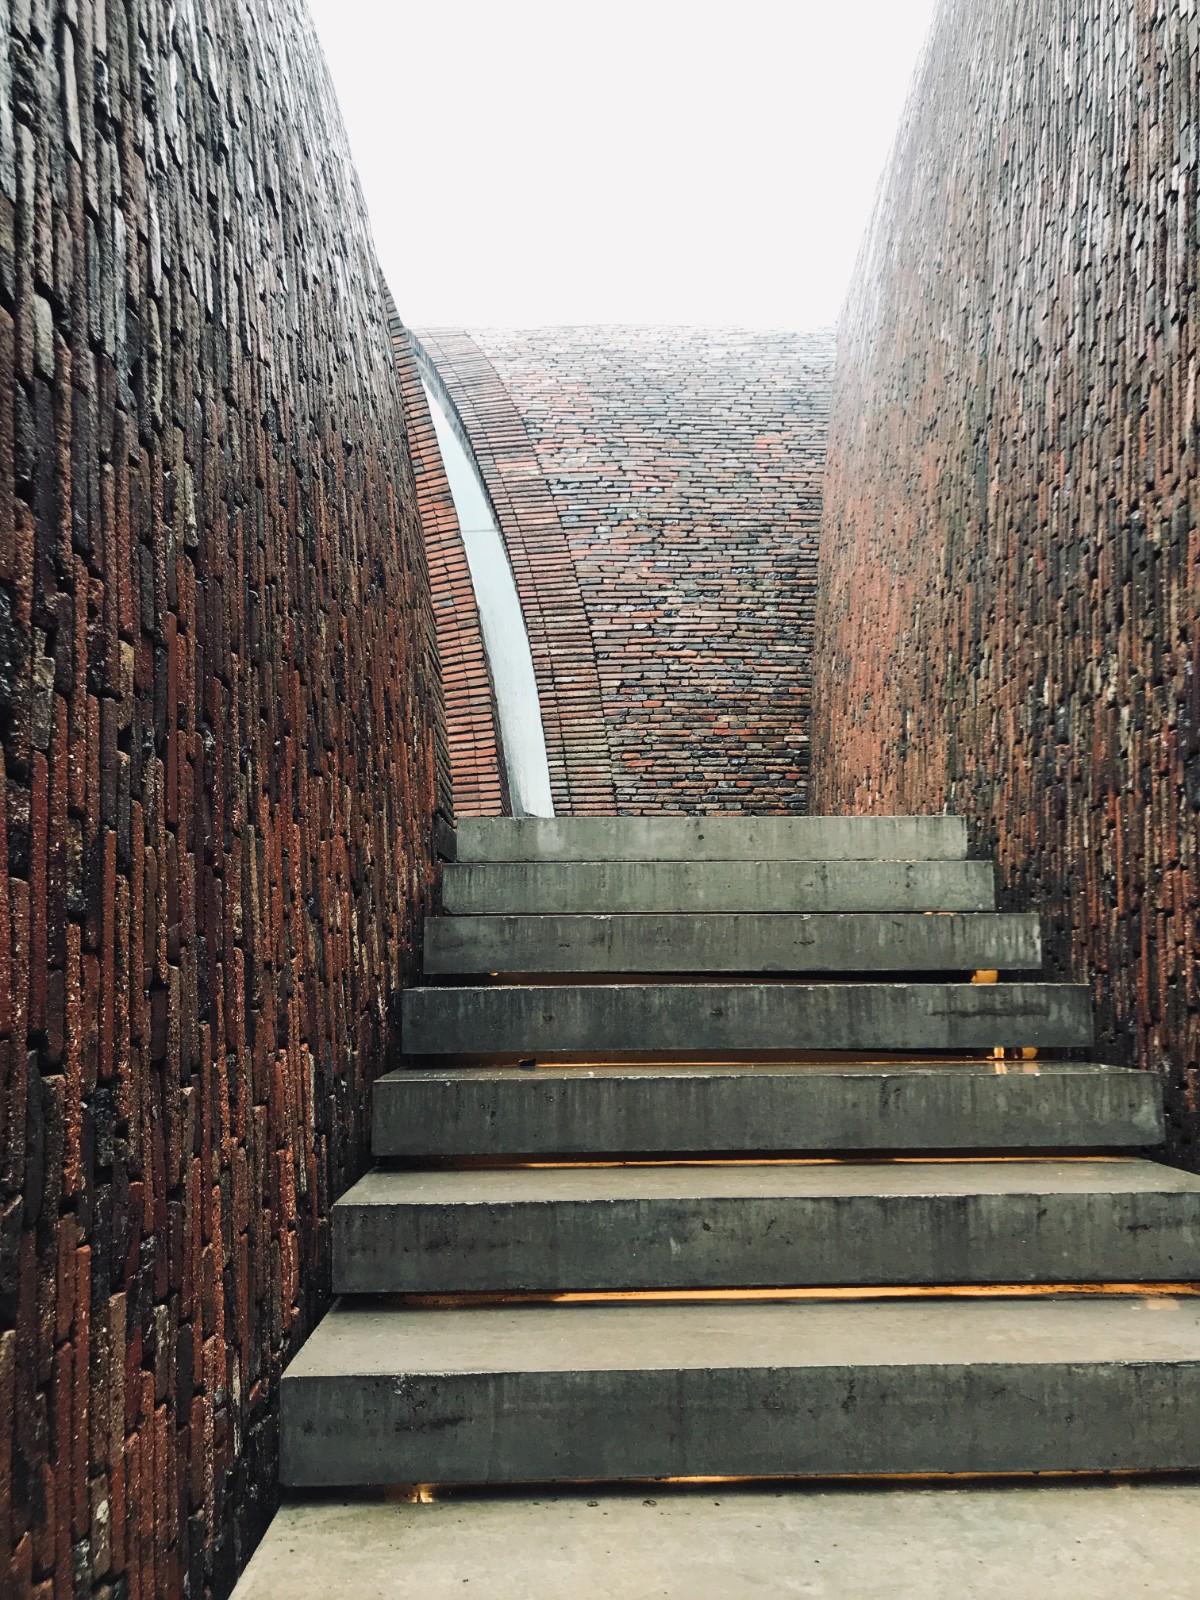 楼梯和拱券缝隙的光  ©艺讯网现场拍摄2.jpg